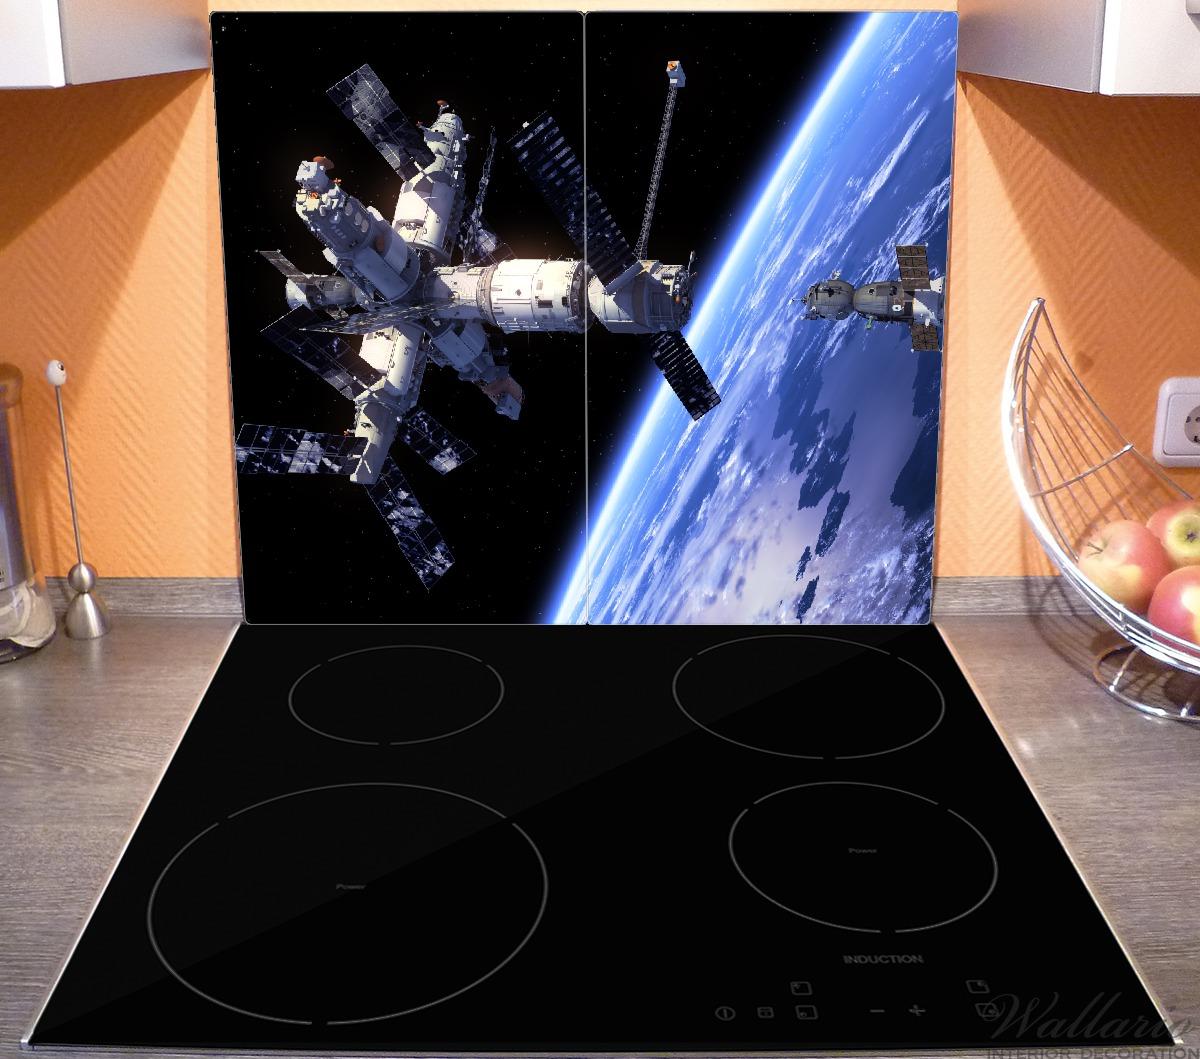 Herdabdeckplatte Raumfahrt - Raumstation und Raumschiff im Weltall – Bild 4